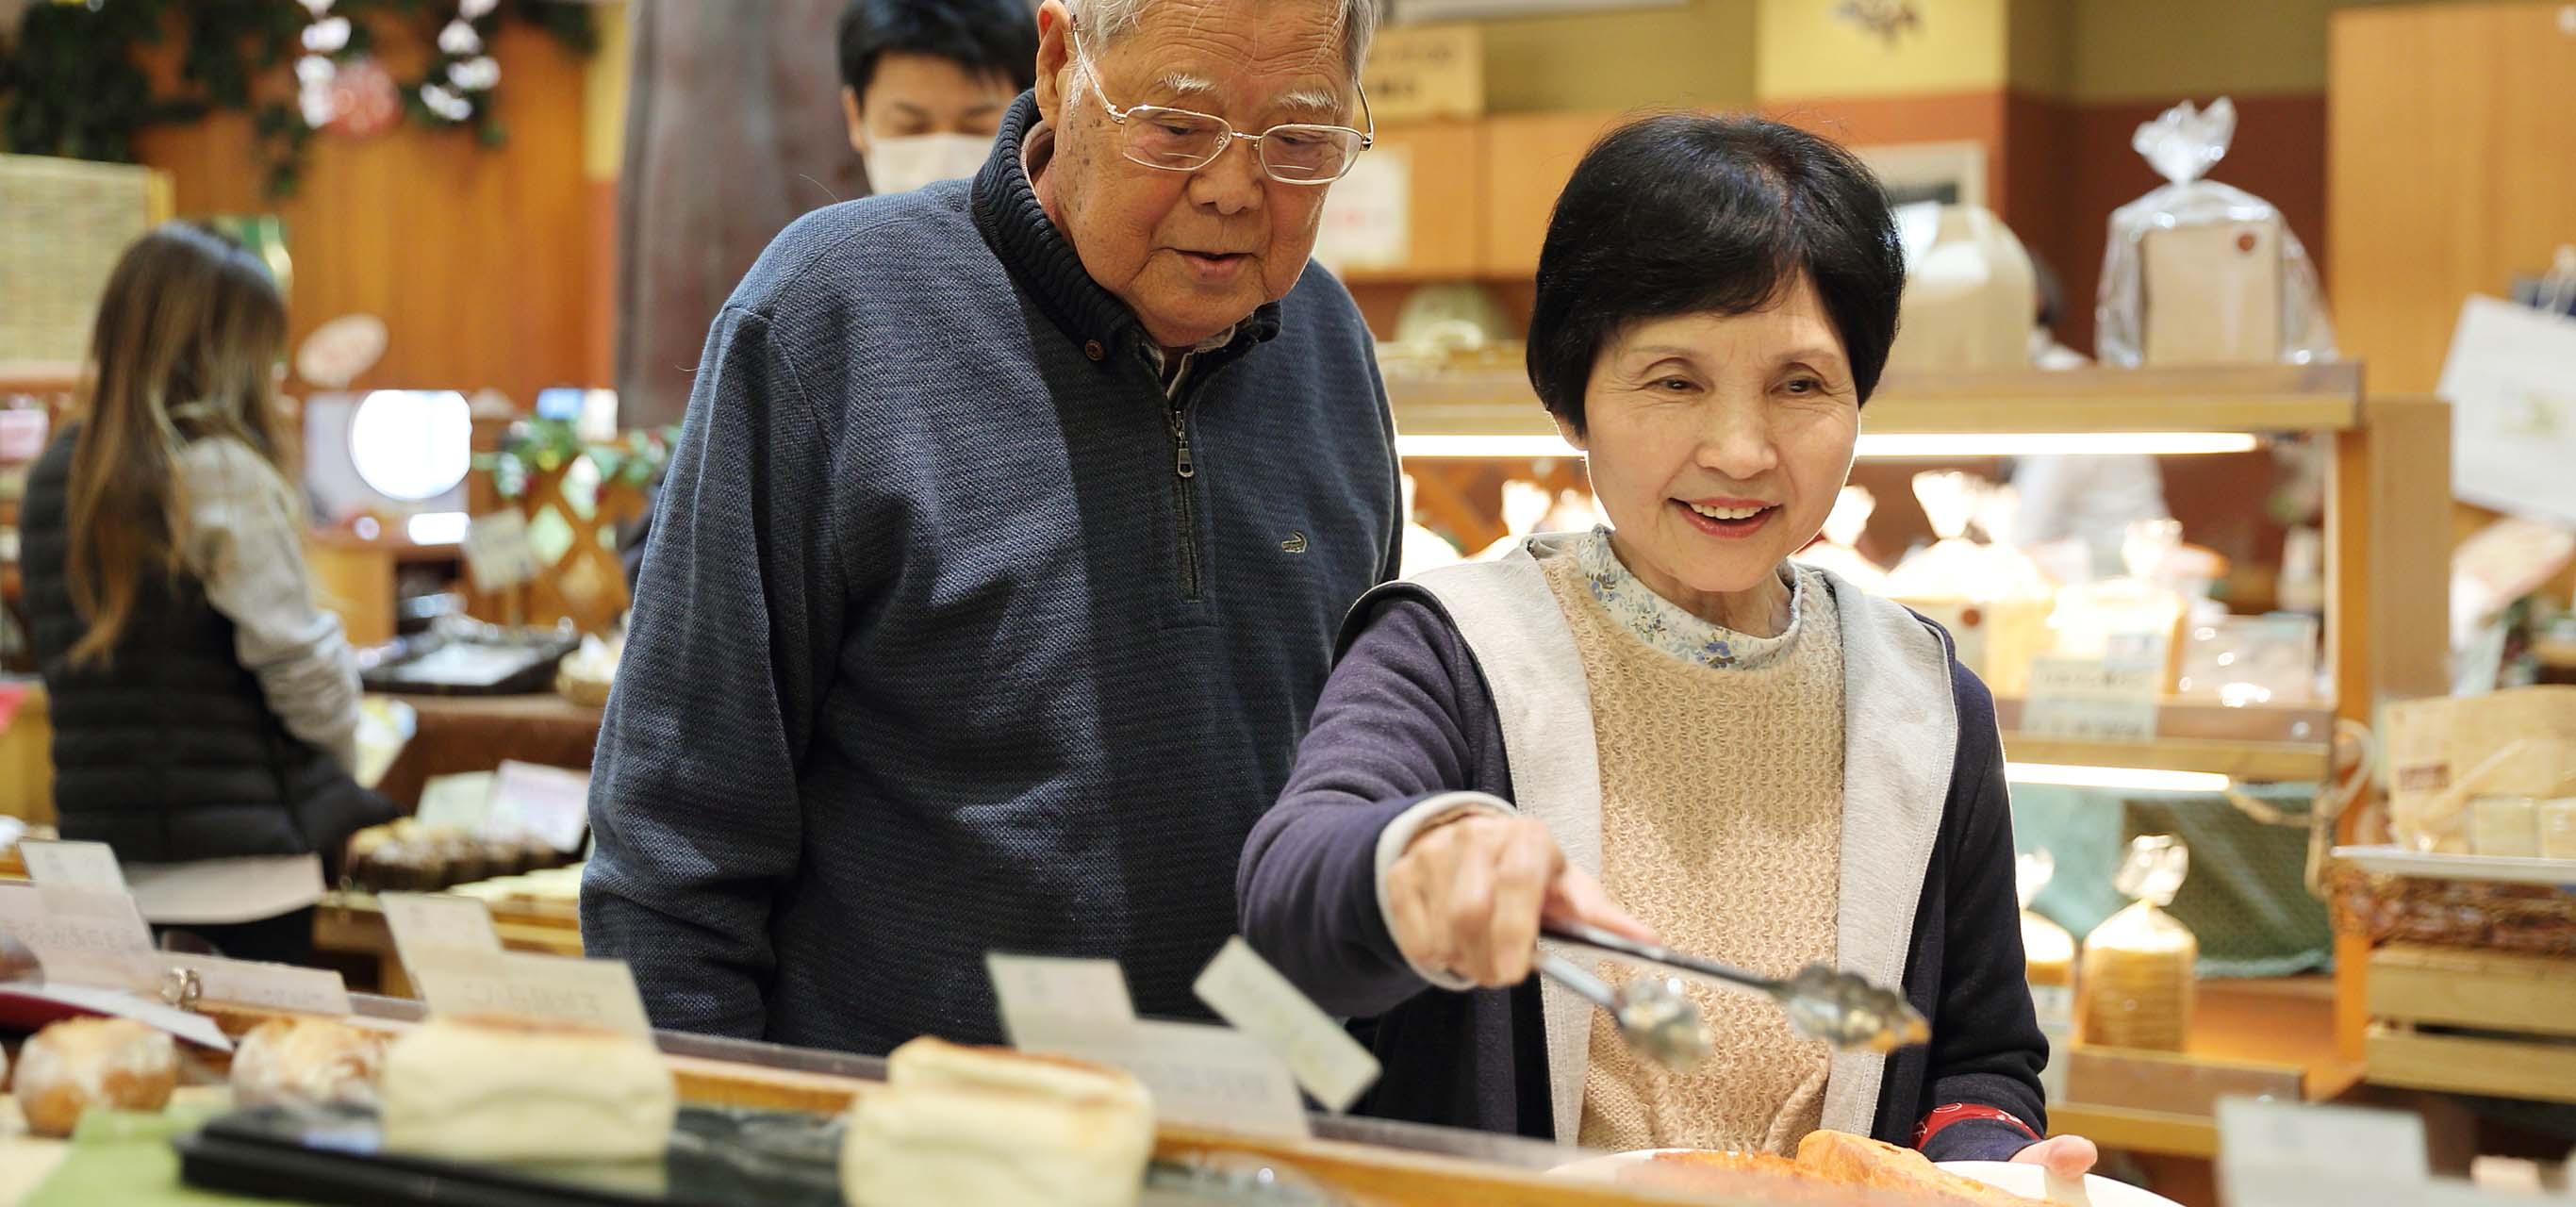 パン屋になった、笑顔が増えた。老夫婦